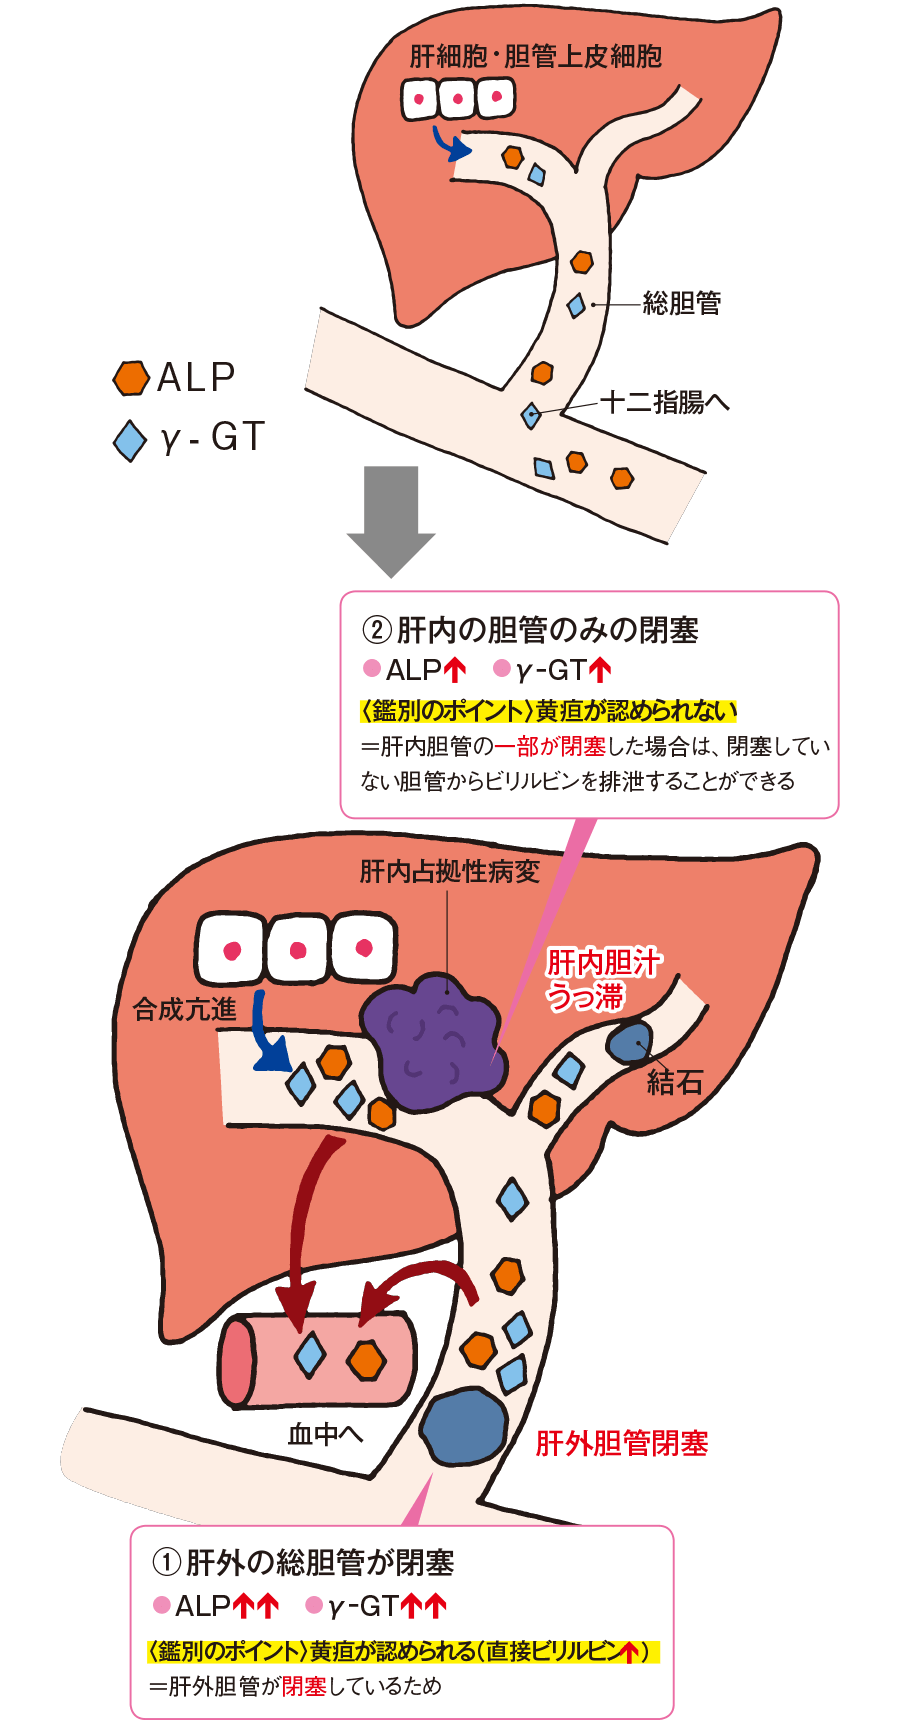 機能 は と 肝 alp